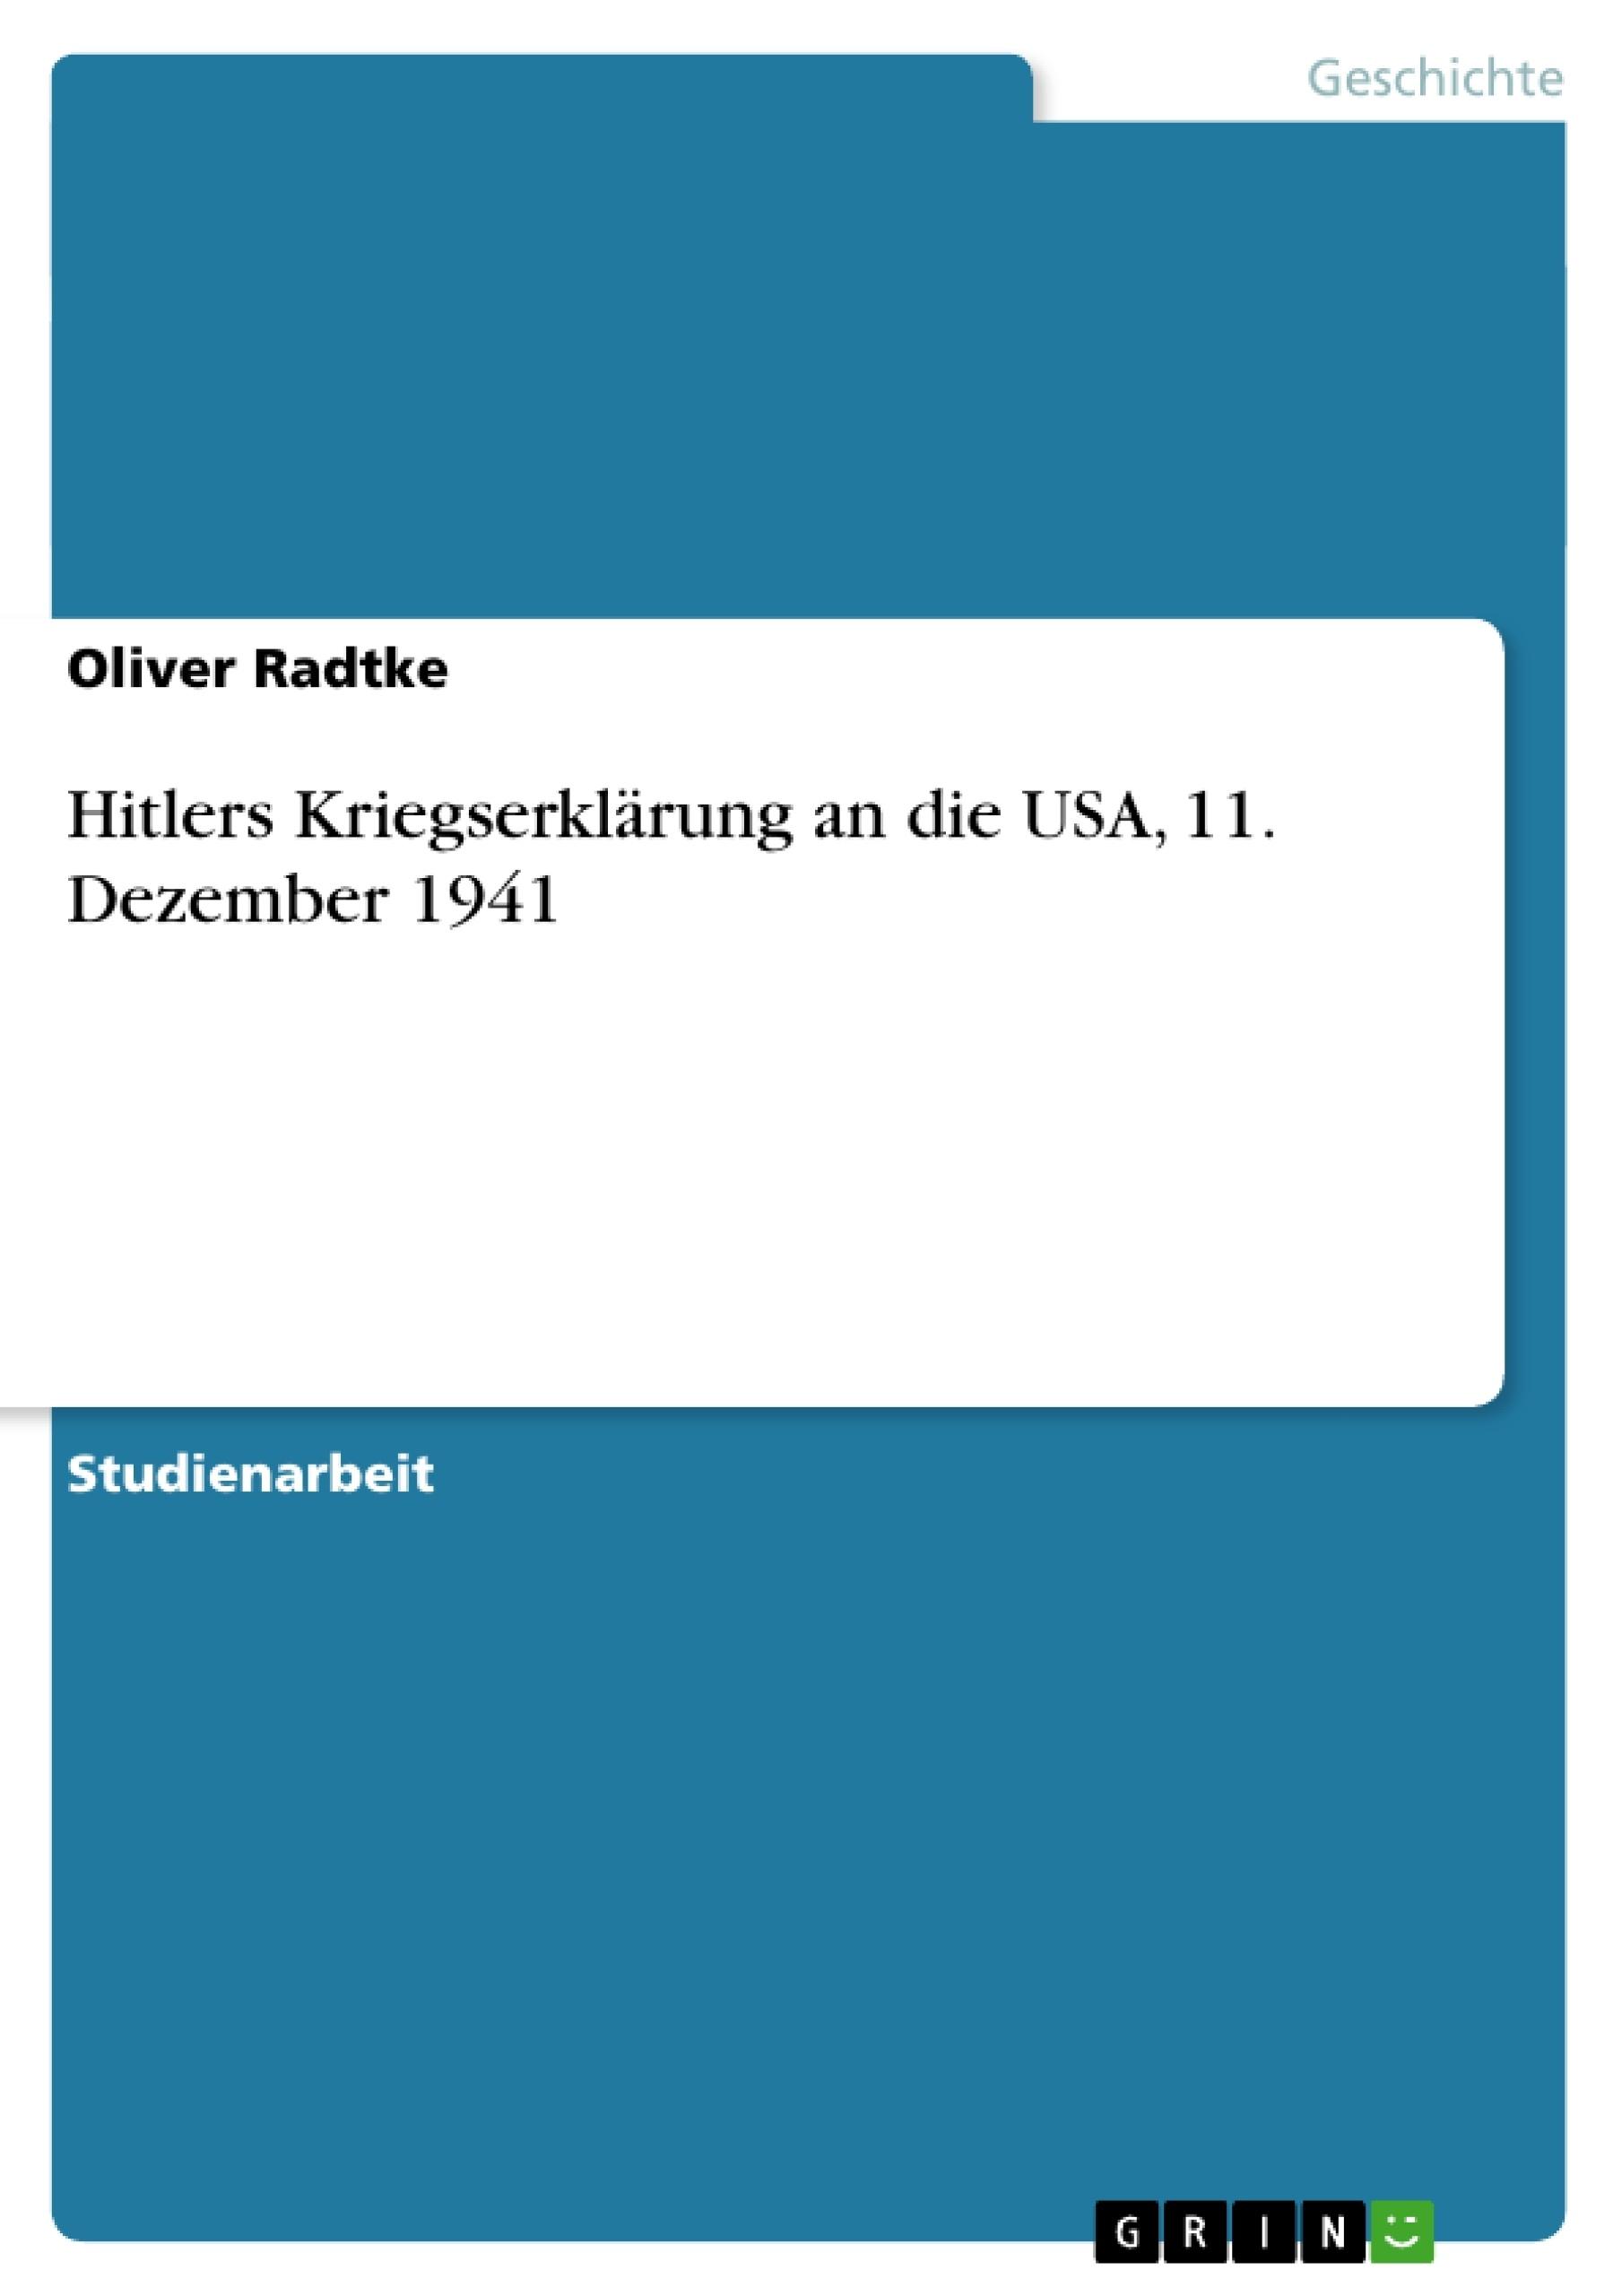 Titel: Hitlers Kriegserklärung an die USA, 11. Dezember 1941